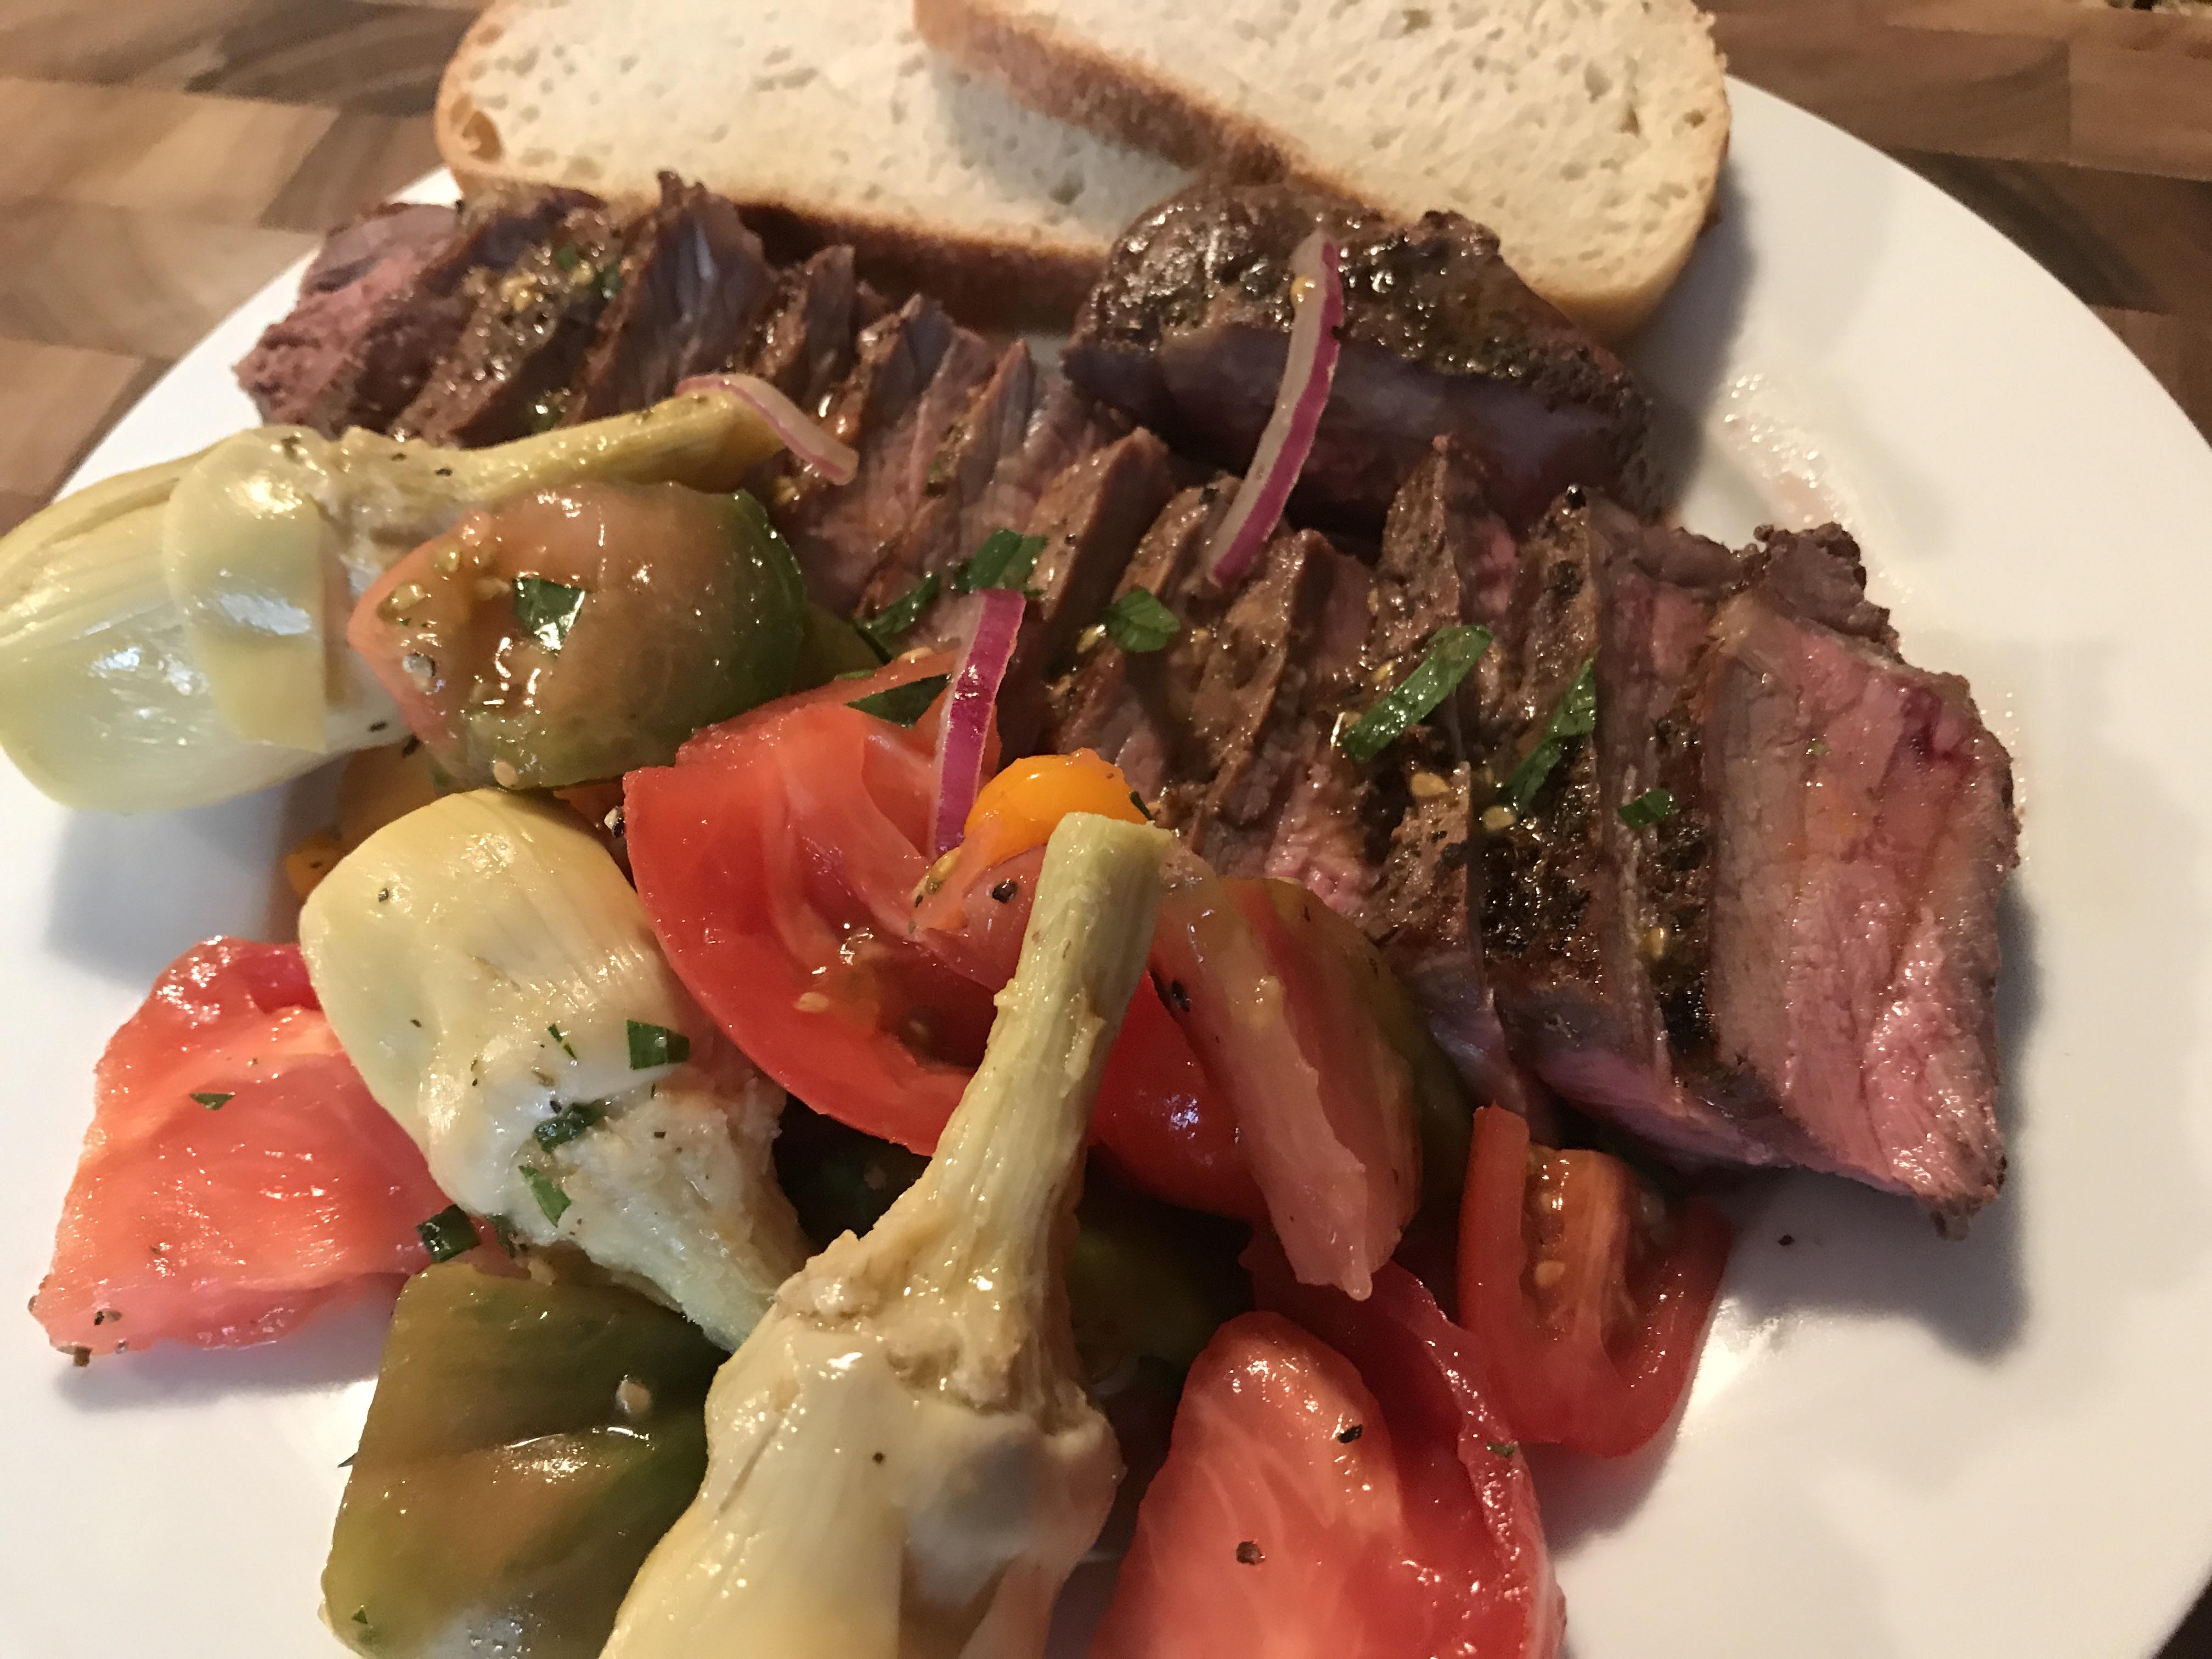 Marinated Flank Steak With Heirloom Tomato Salad (2)